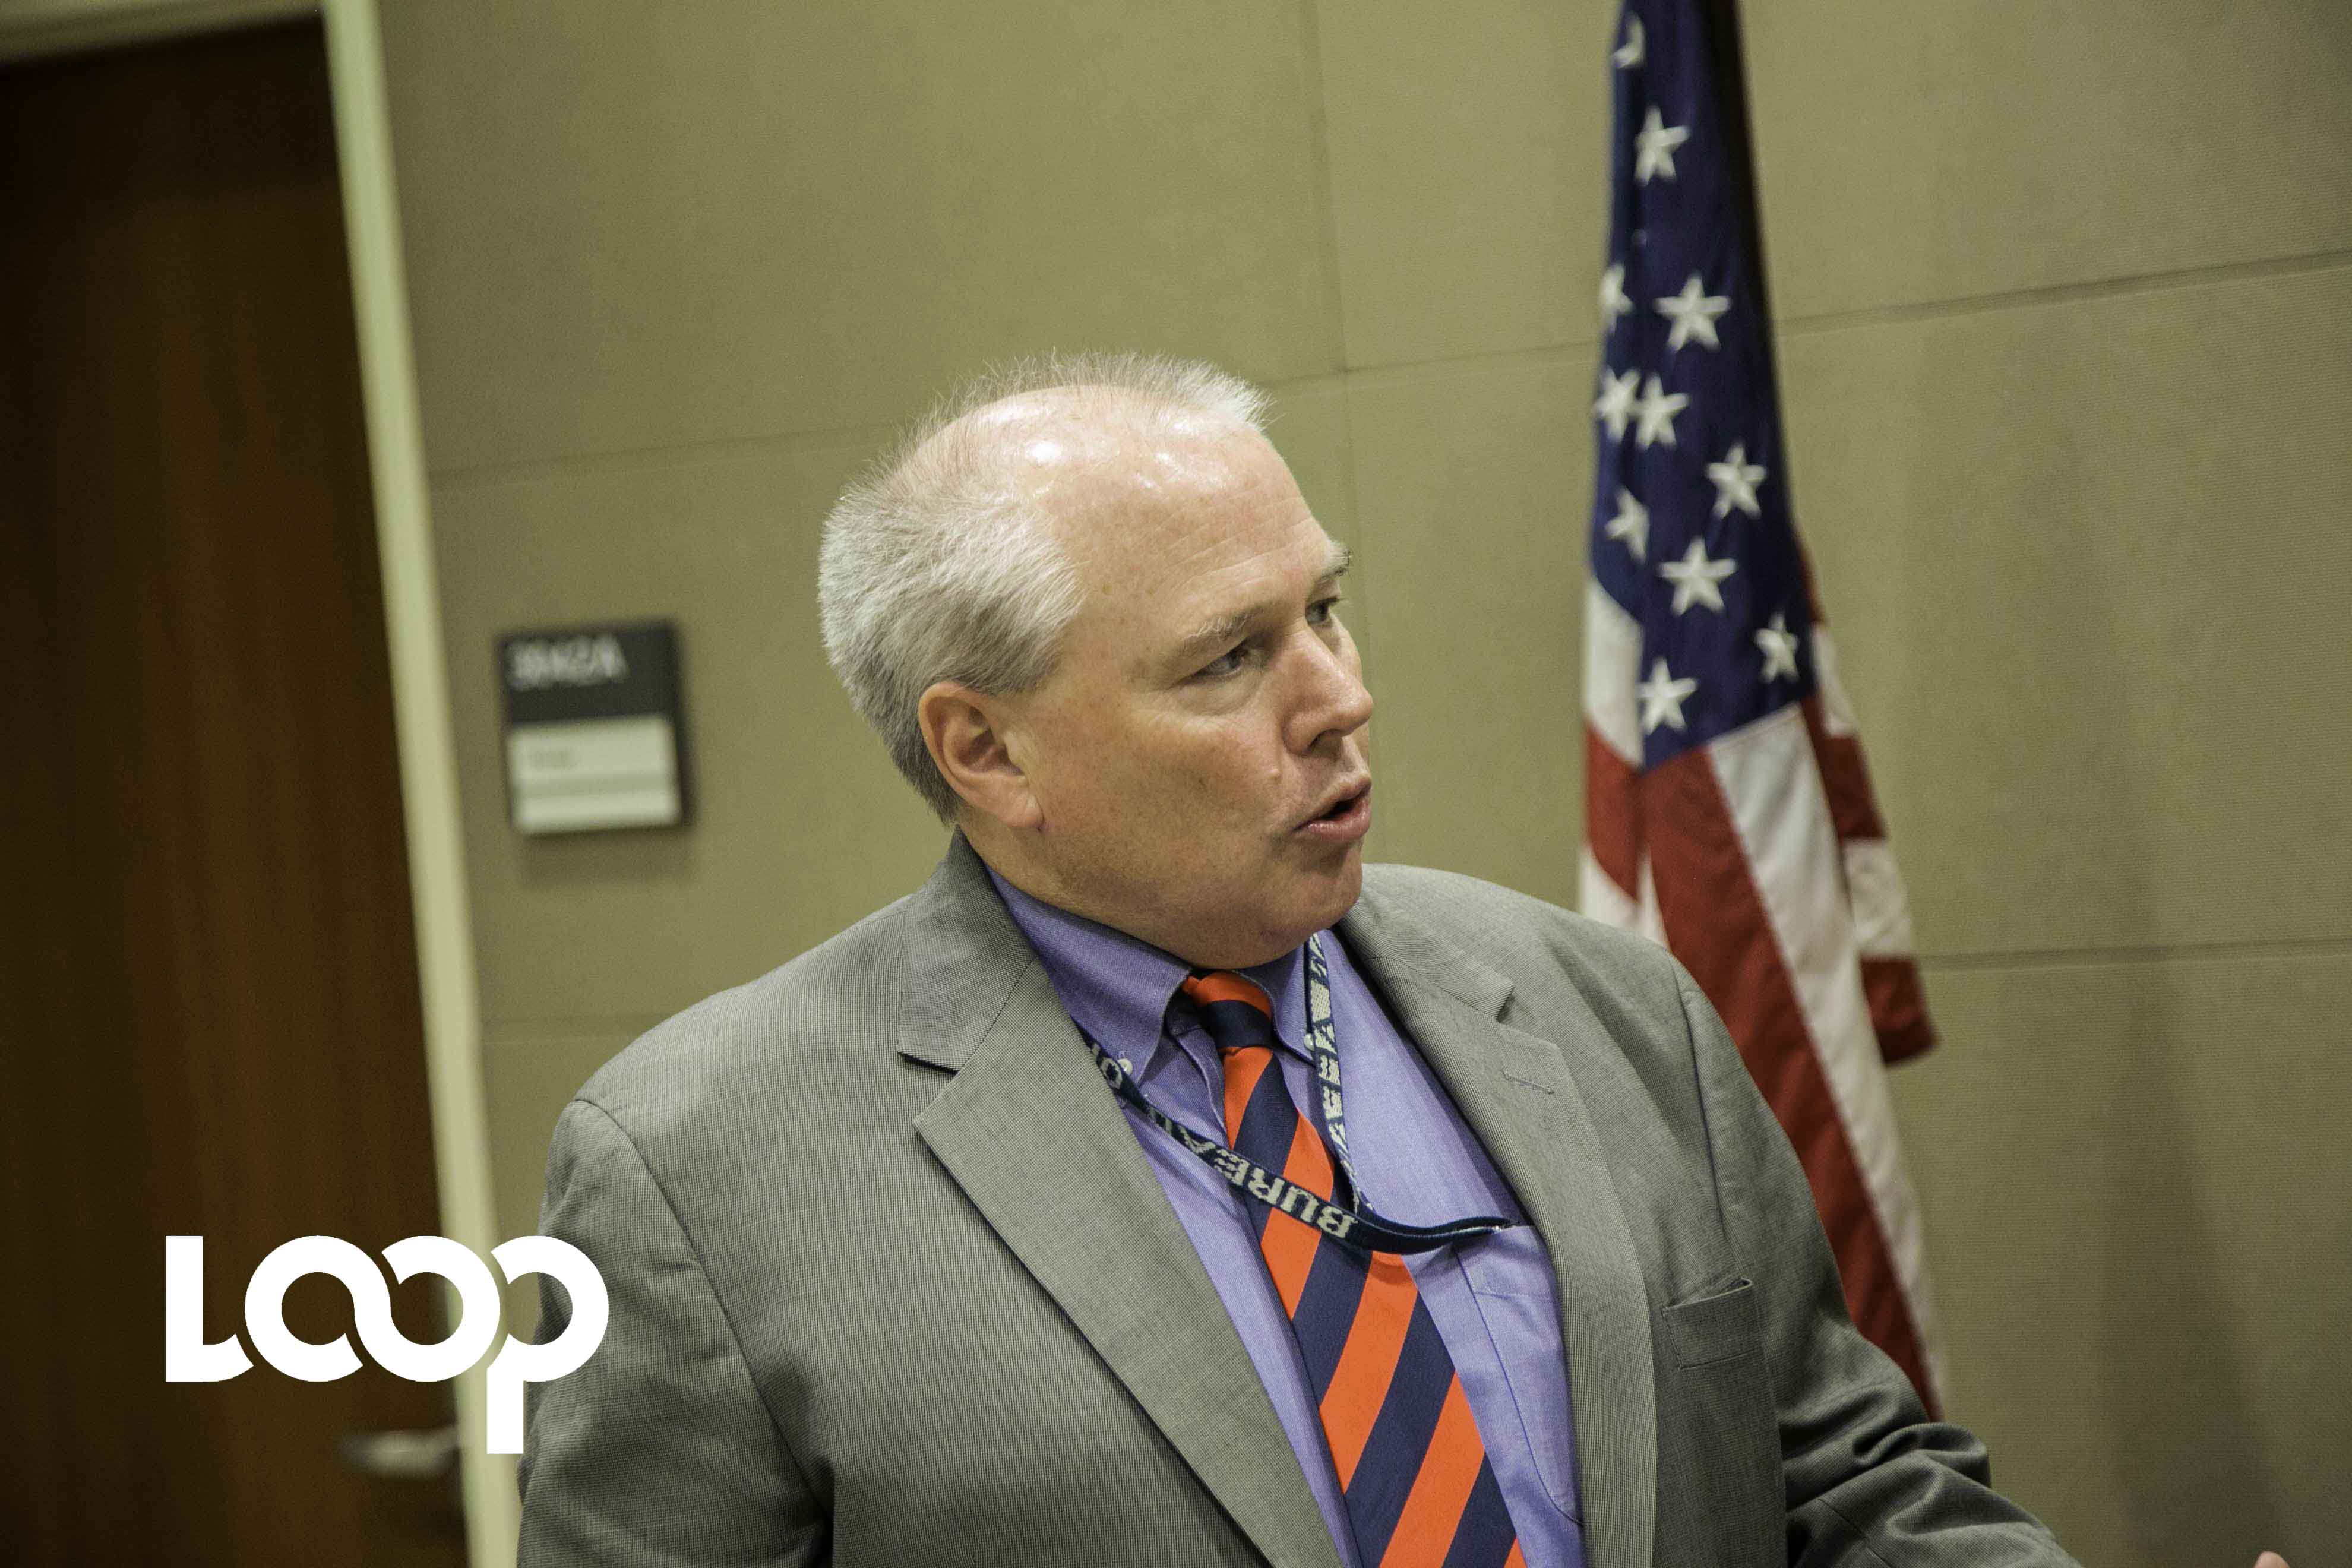 M. Robert F. Hannan, Jr, consul général de l'ambassade des Etats-Unis à Port-au-Prince. Photo : Estailove St-Val